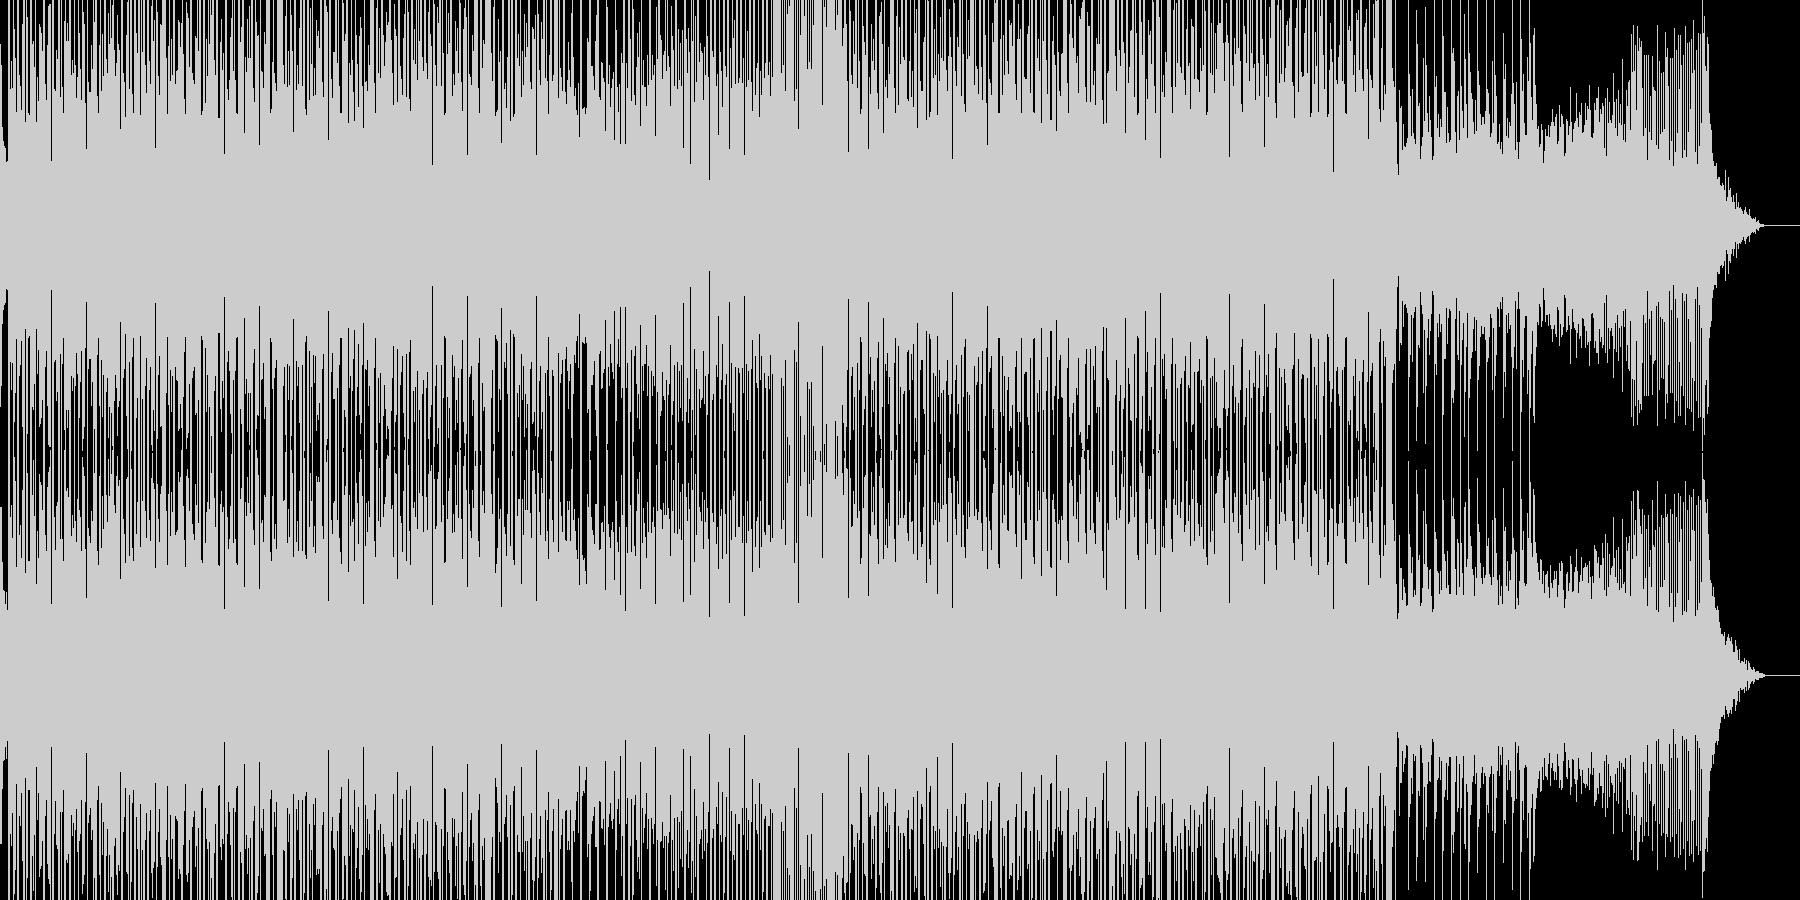 レトロで奇妙な雰囲気のテクノBGMの未再生の波形